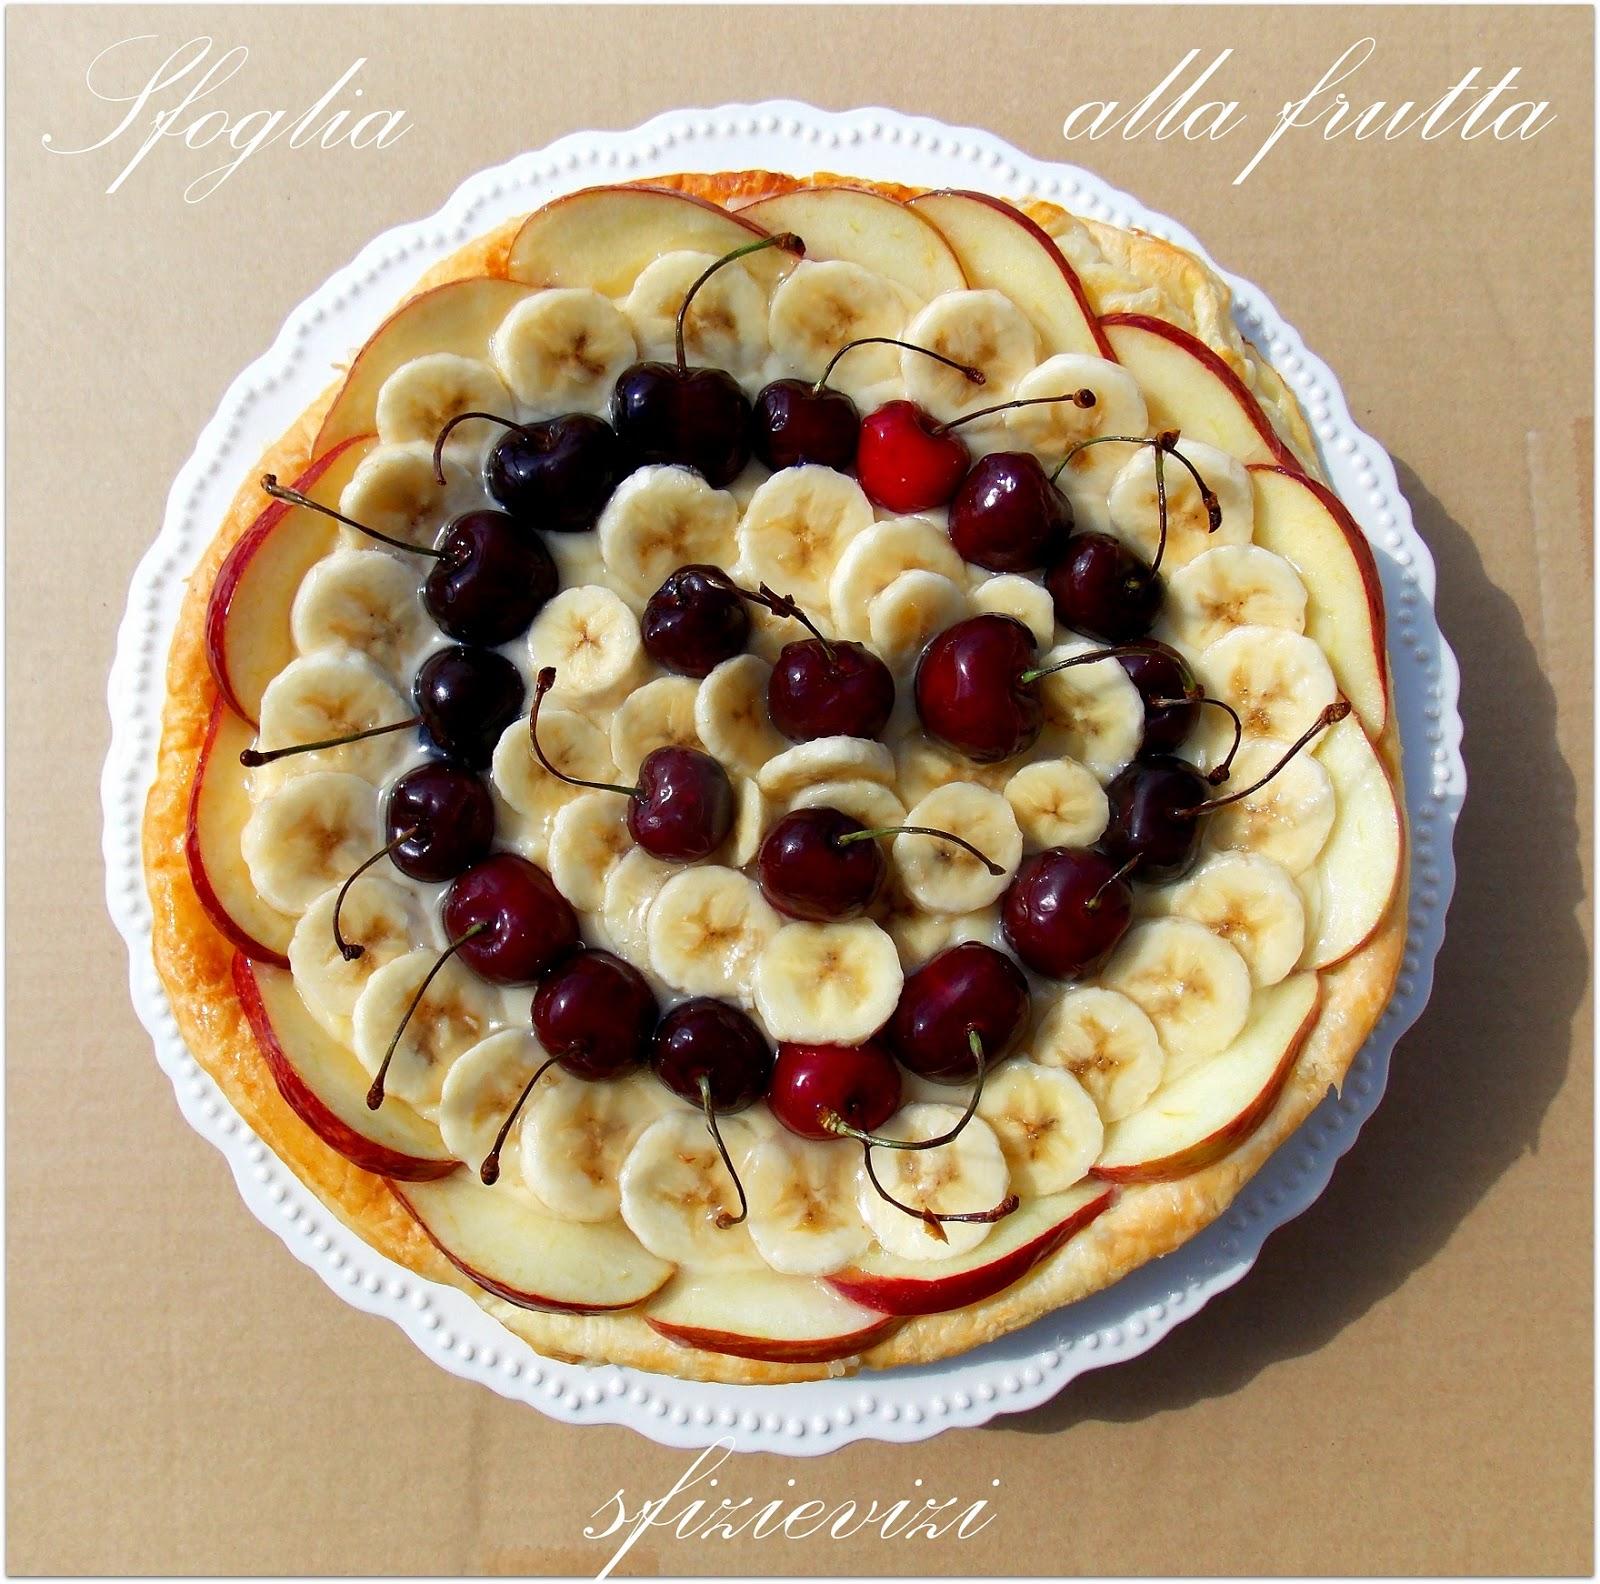 torta di pasta sfoglia con crema pasticcera e frutta - ricetta senza latticini -